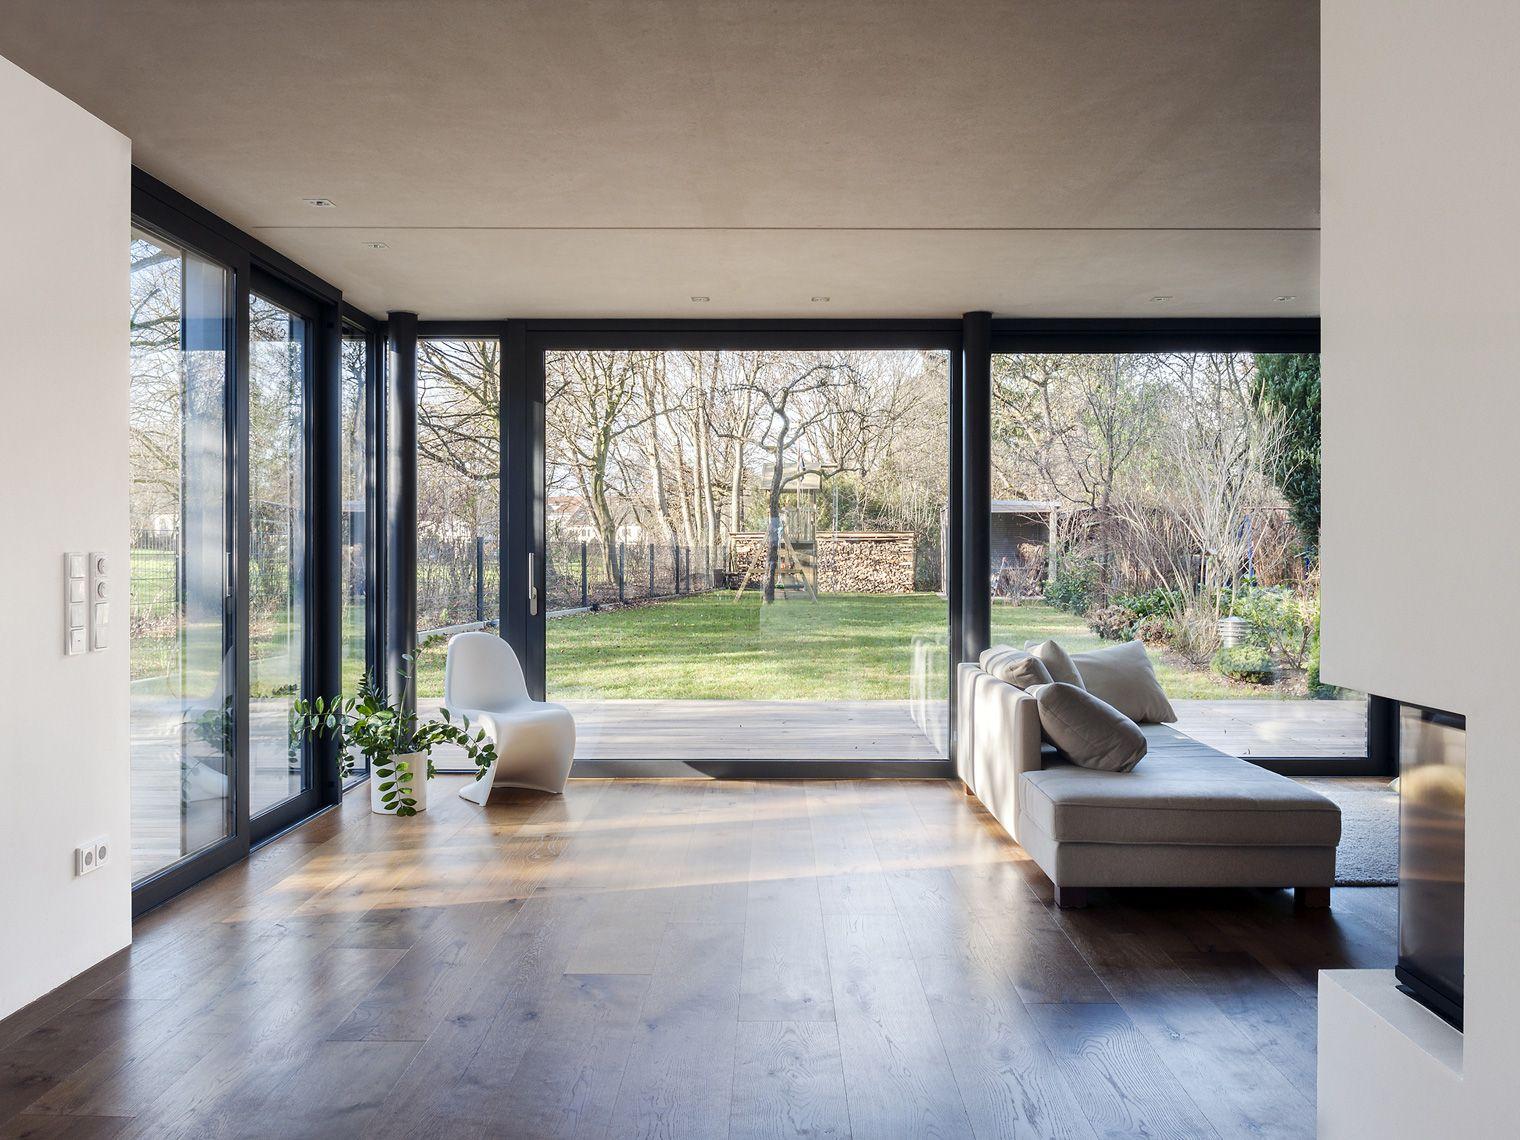 Pin von Susie Gottardi auf Home Sweet Home | Pinterest | Häuschen